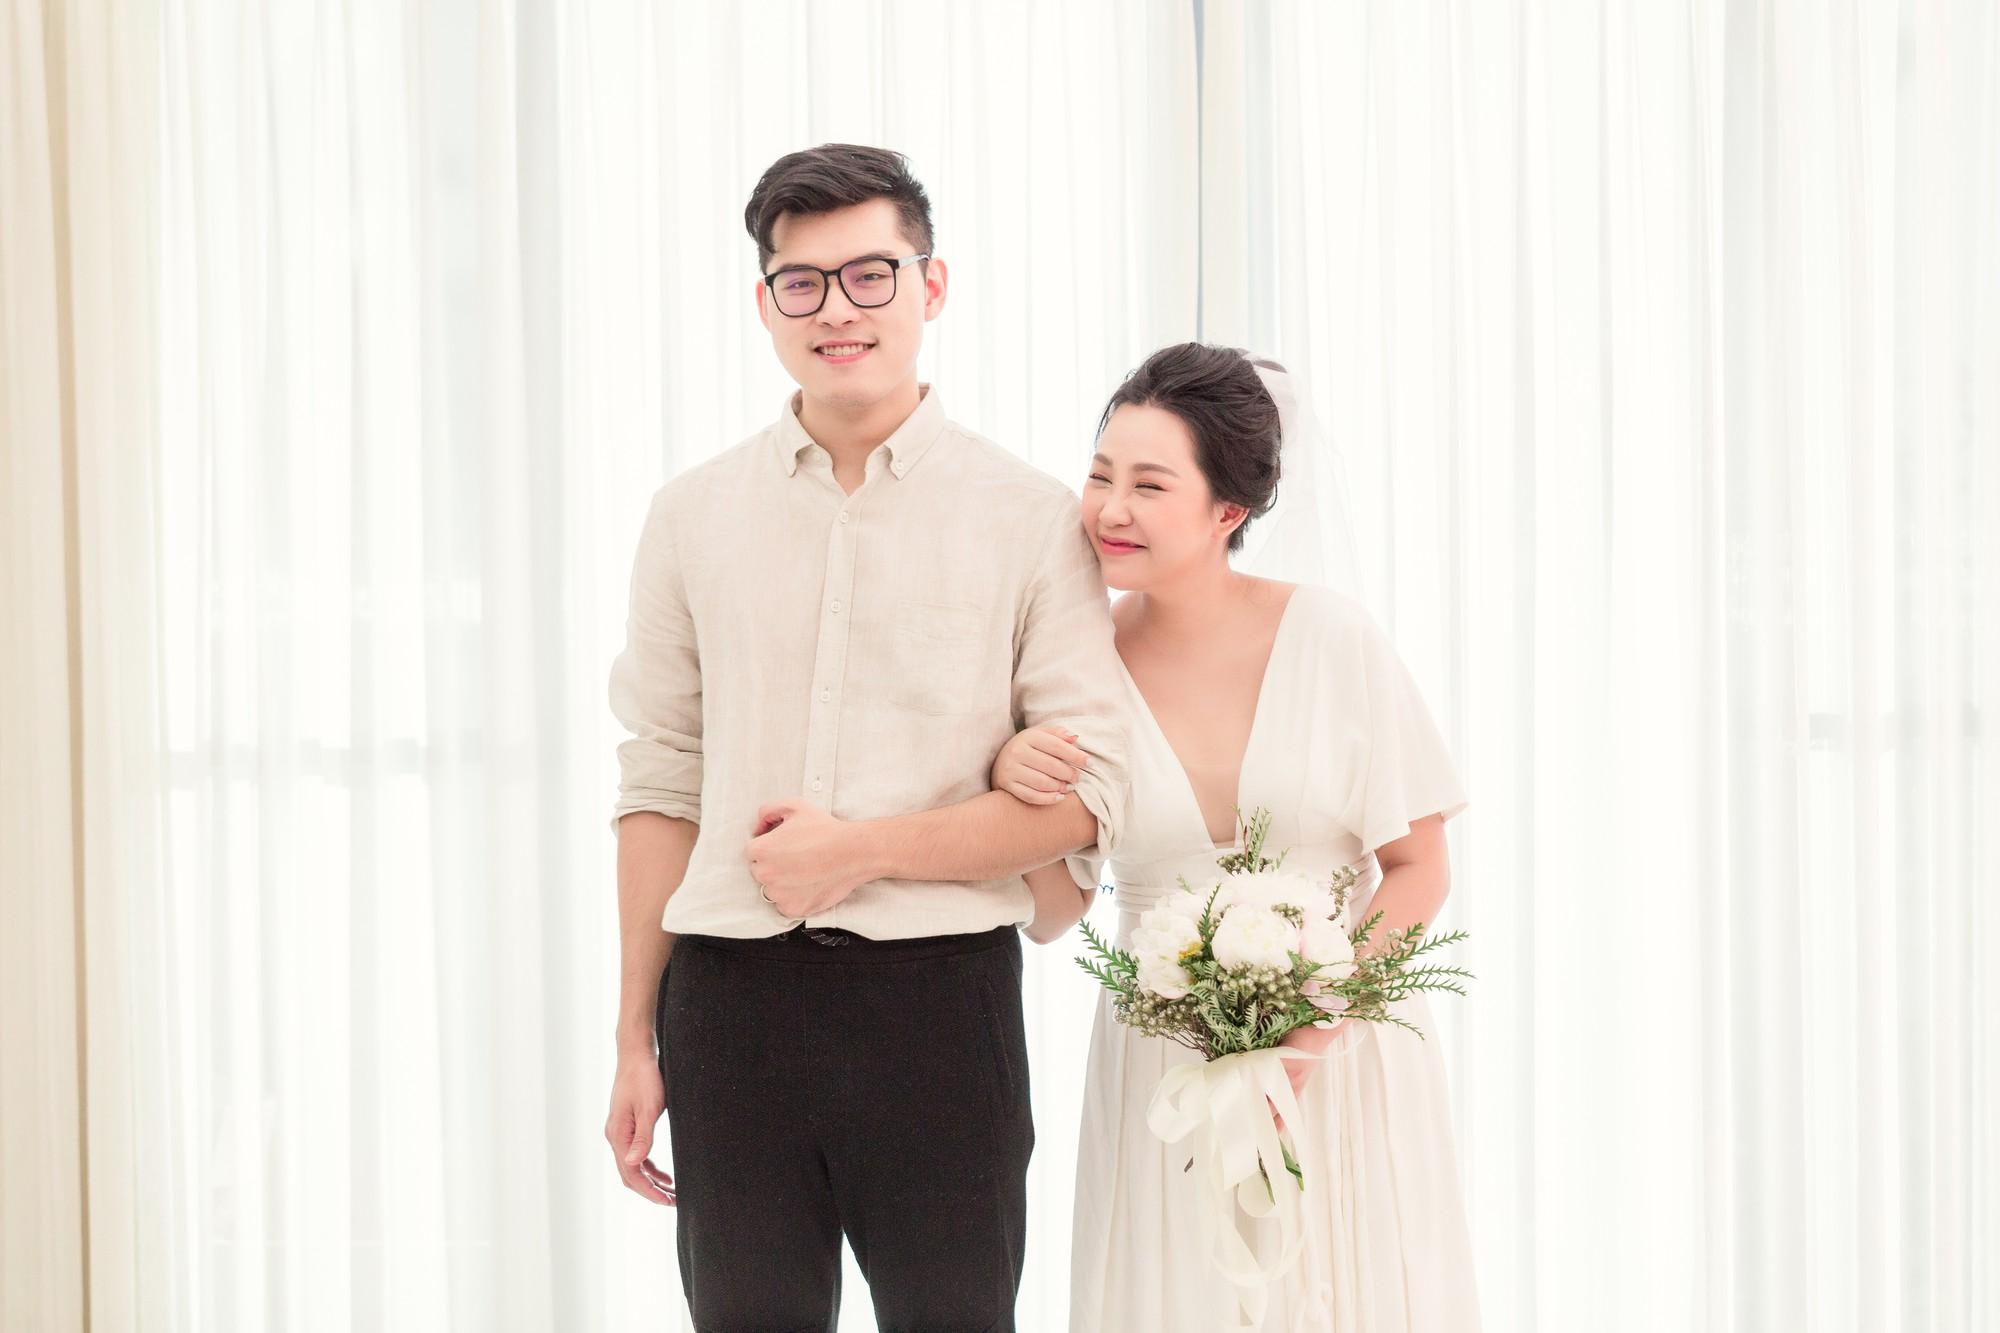 Gào khoe bộ ảnh cưới siêu hạnh phúc cùng chồng và 3 em bé - Ảnh 16.